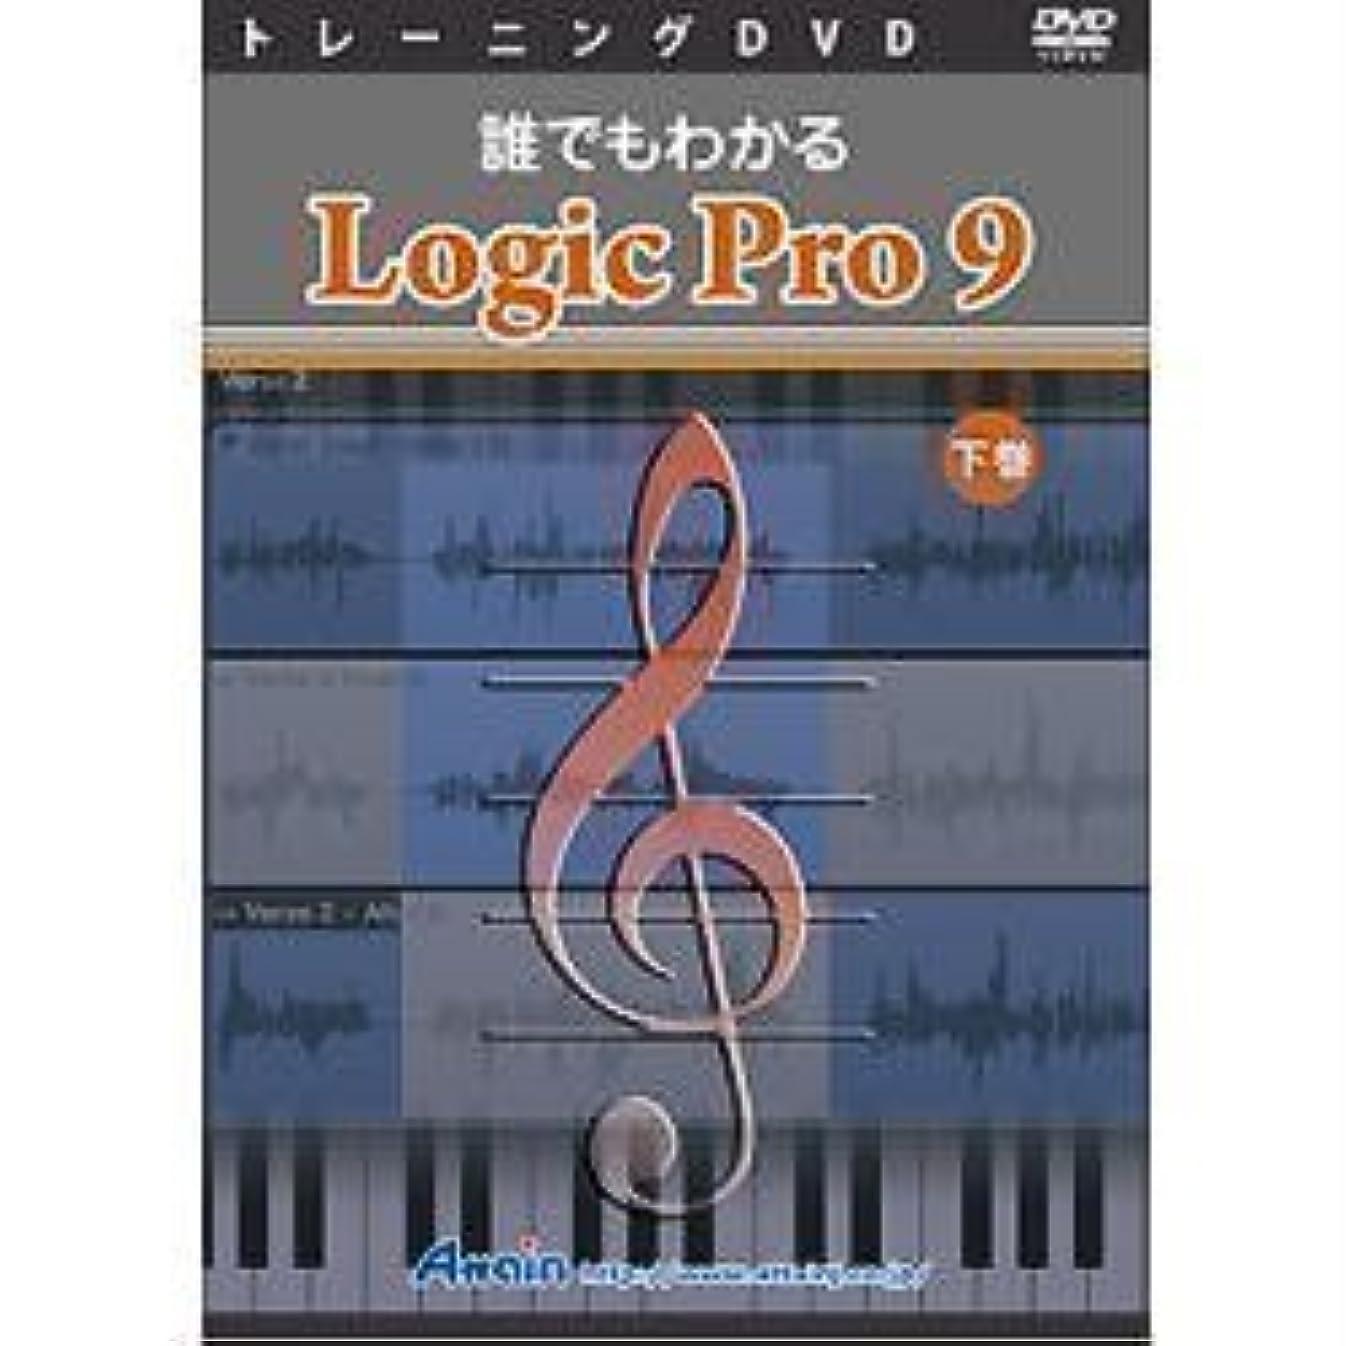 レンジ会計士ぶどうアテイン 誰でもわかる Logic Pro 9 下巻